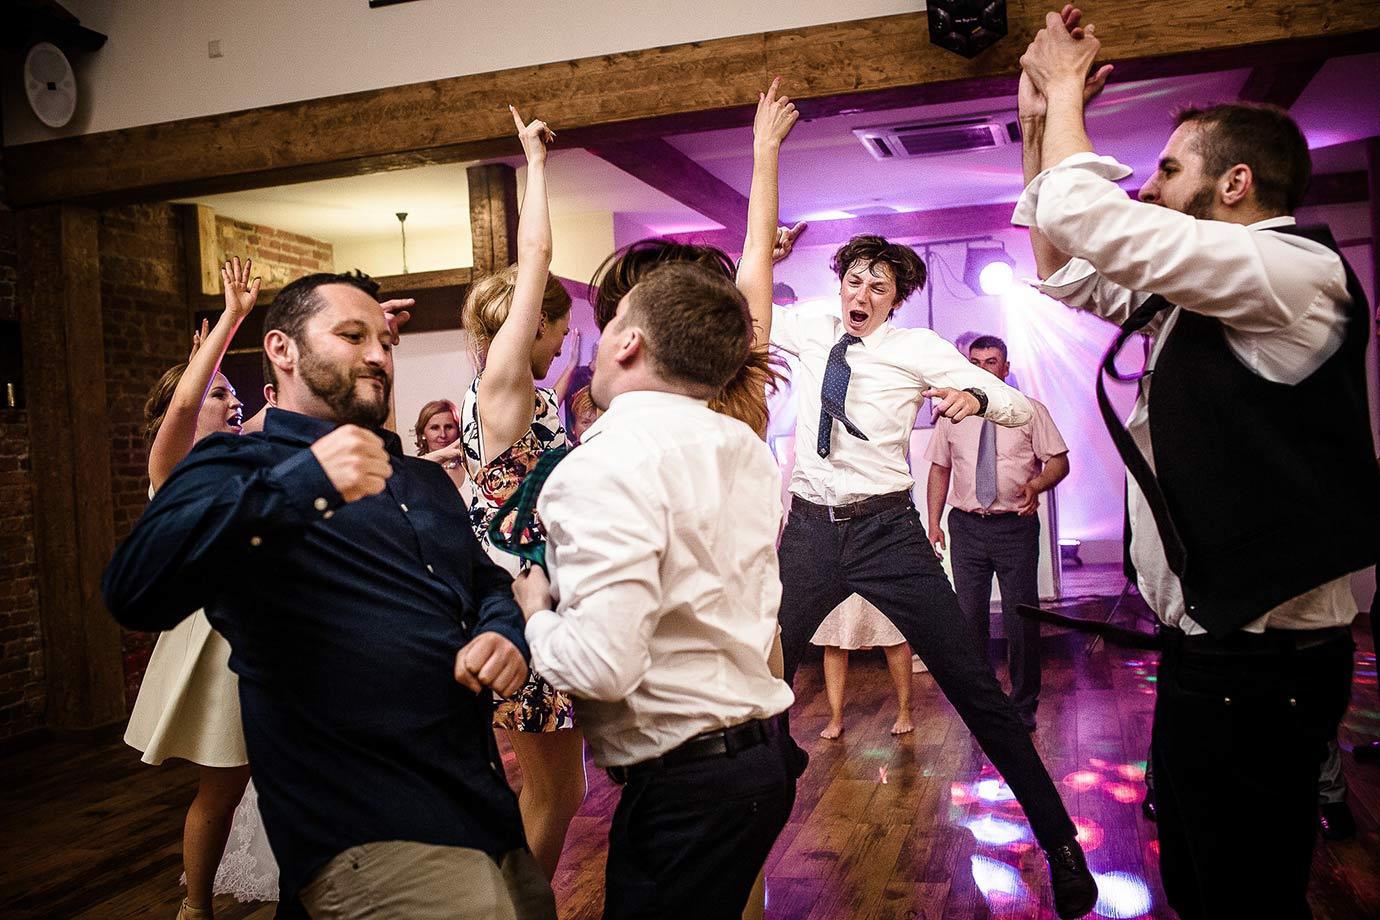 pełna dynamiki fotografia z imprezy